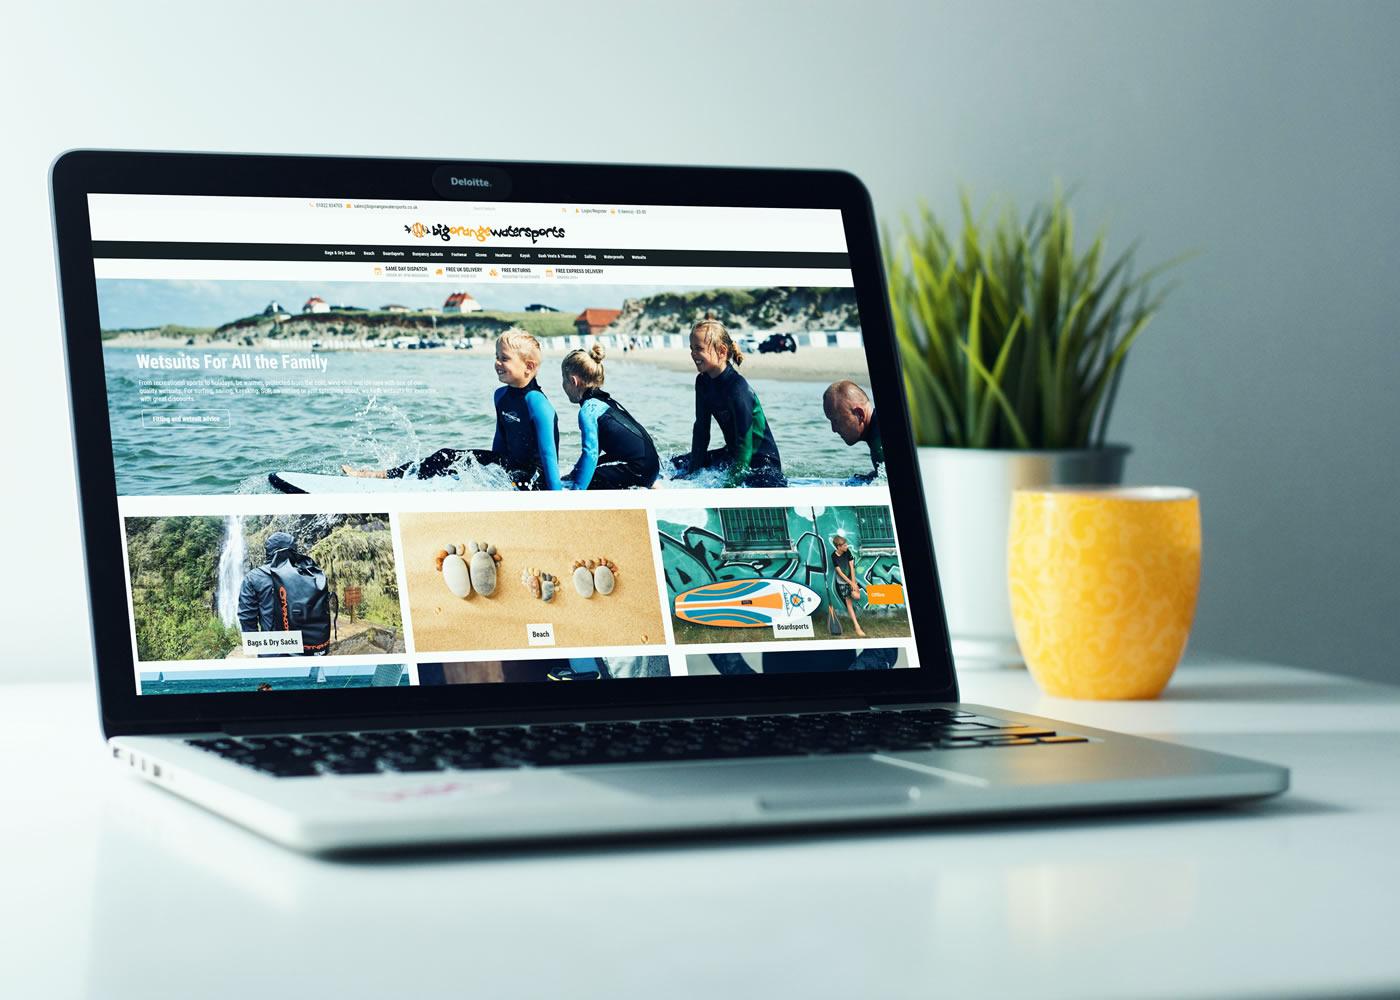 macbook-big-orange-watersports